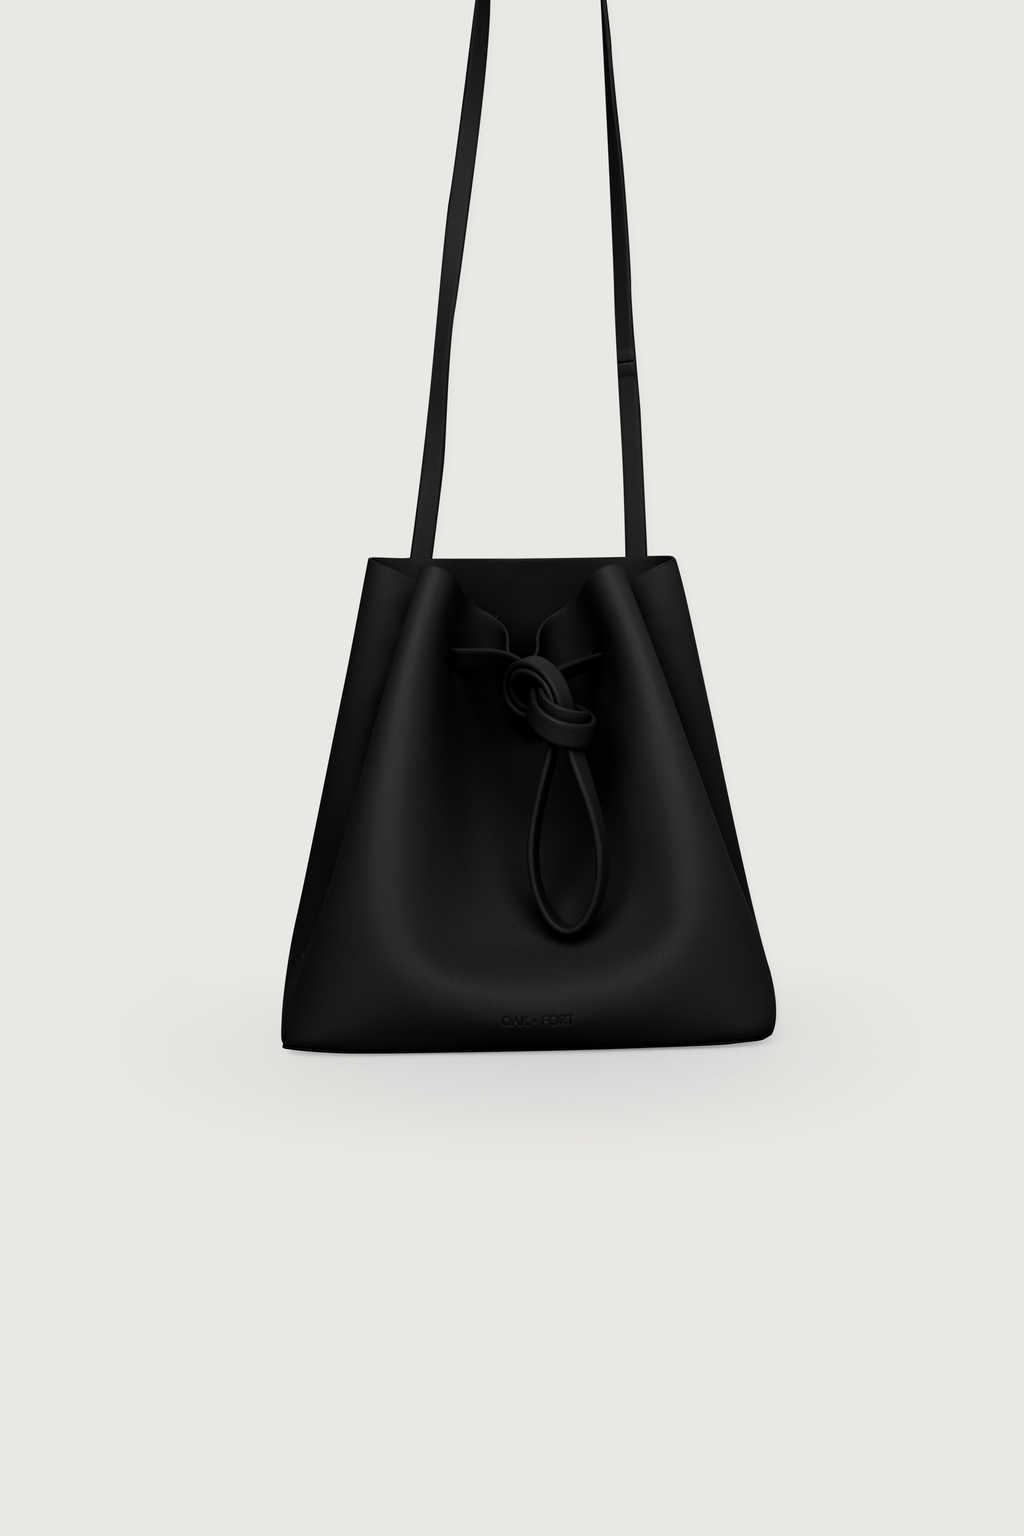 Bag 198320191 Black 13